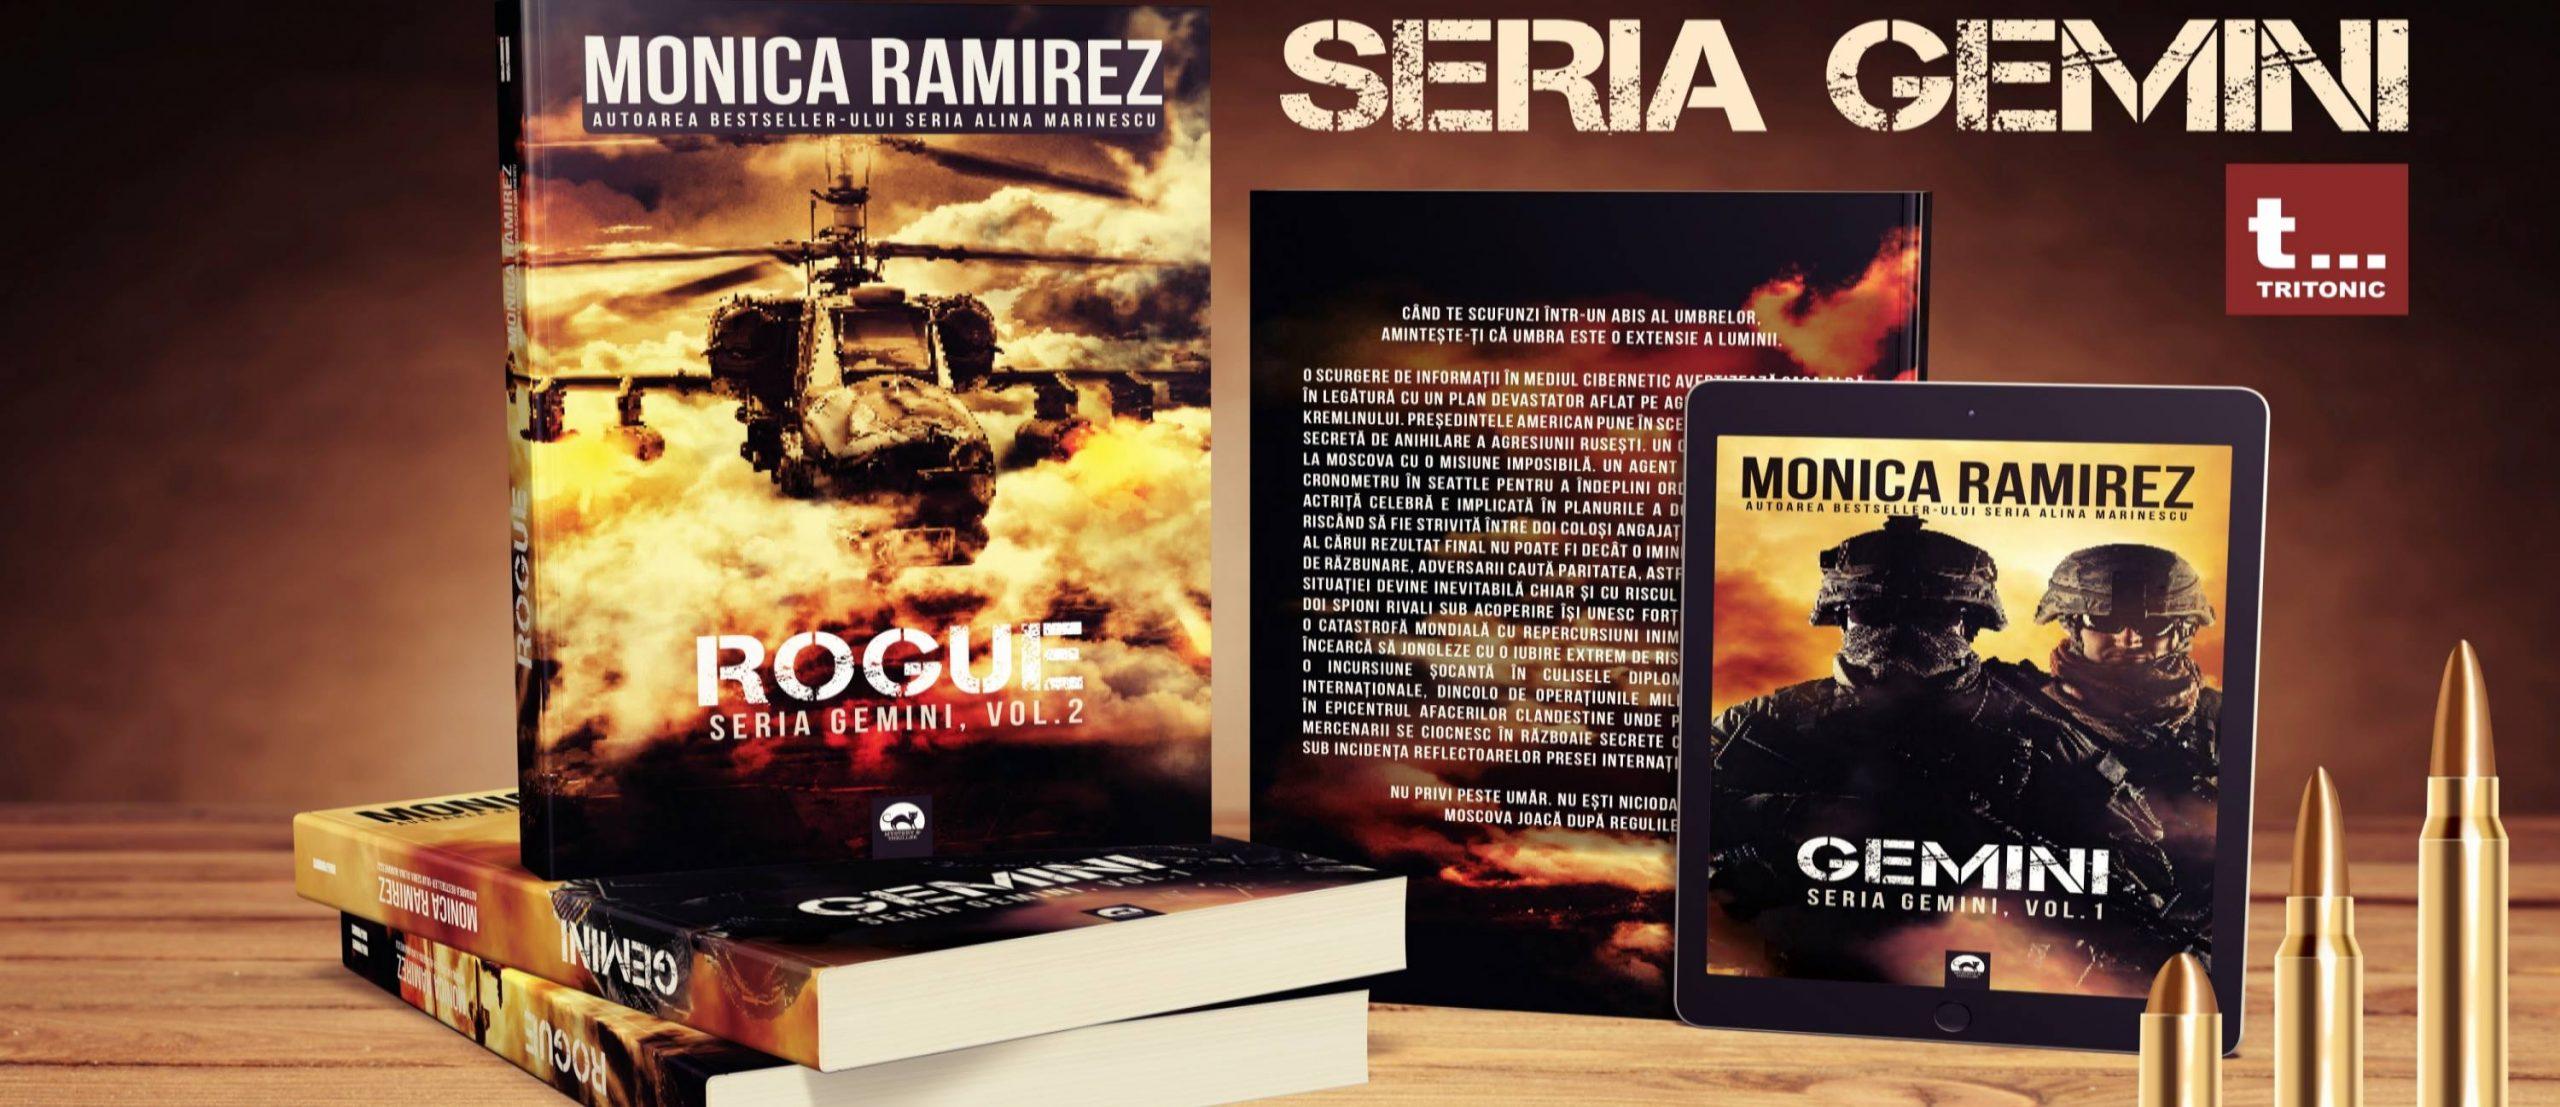 Rogue Gemini Vol 2 de Monica Ramirez